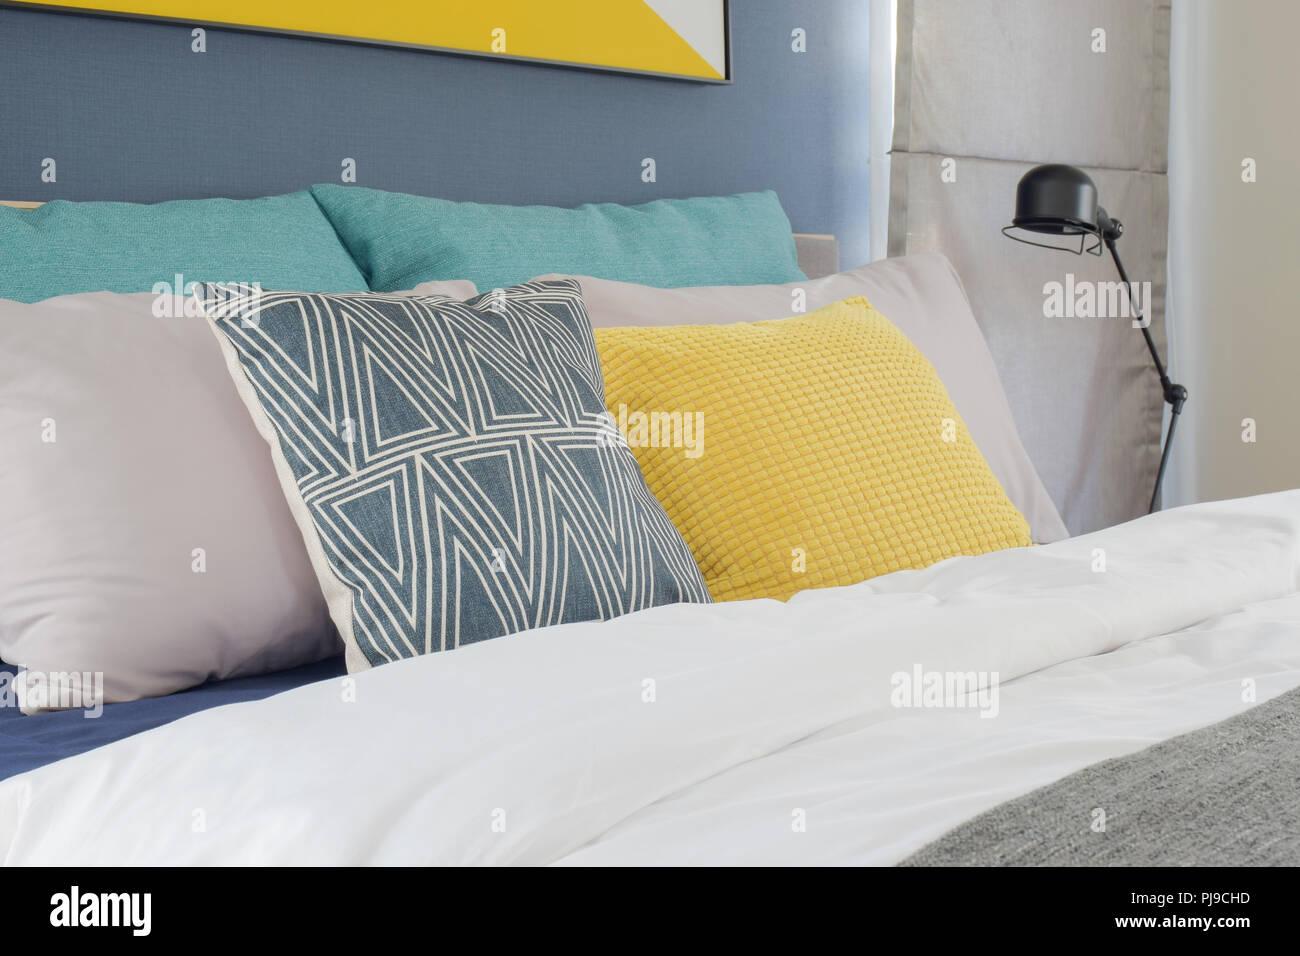 Gelb, Grau und Türkis Kissen Einstellung auf dem Bett im ...